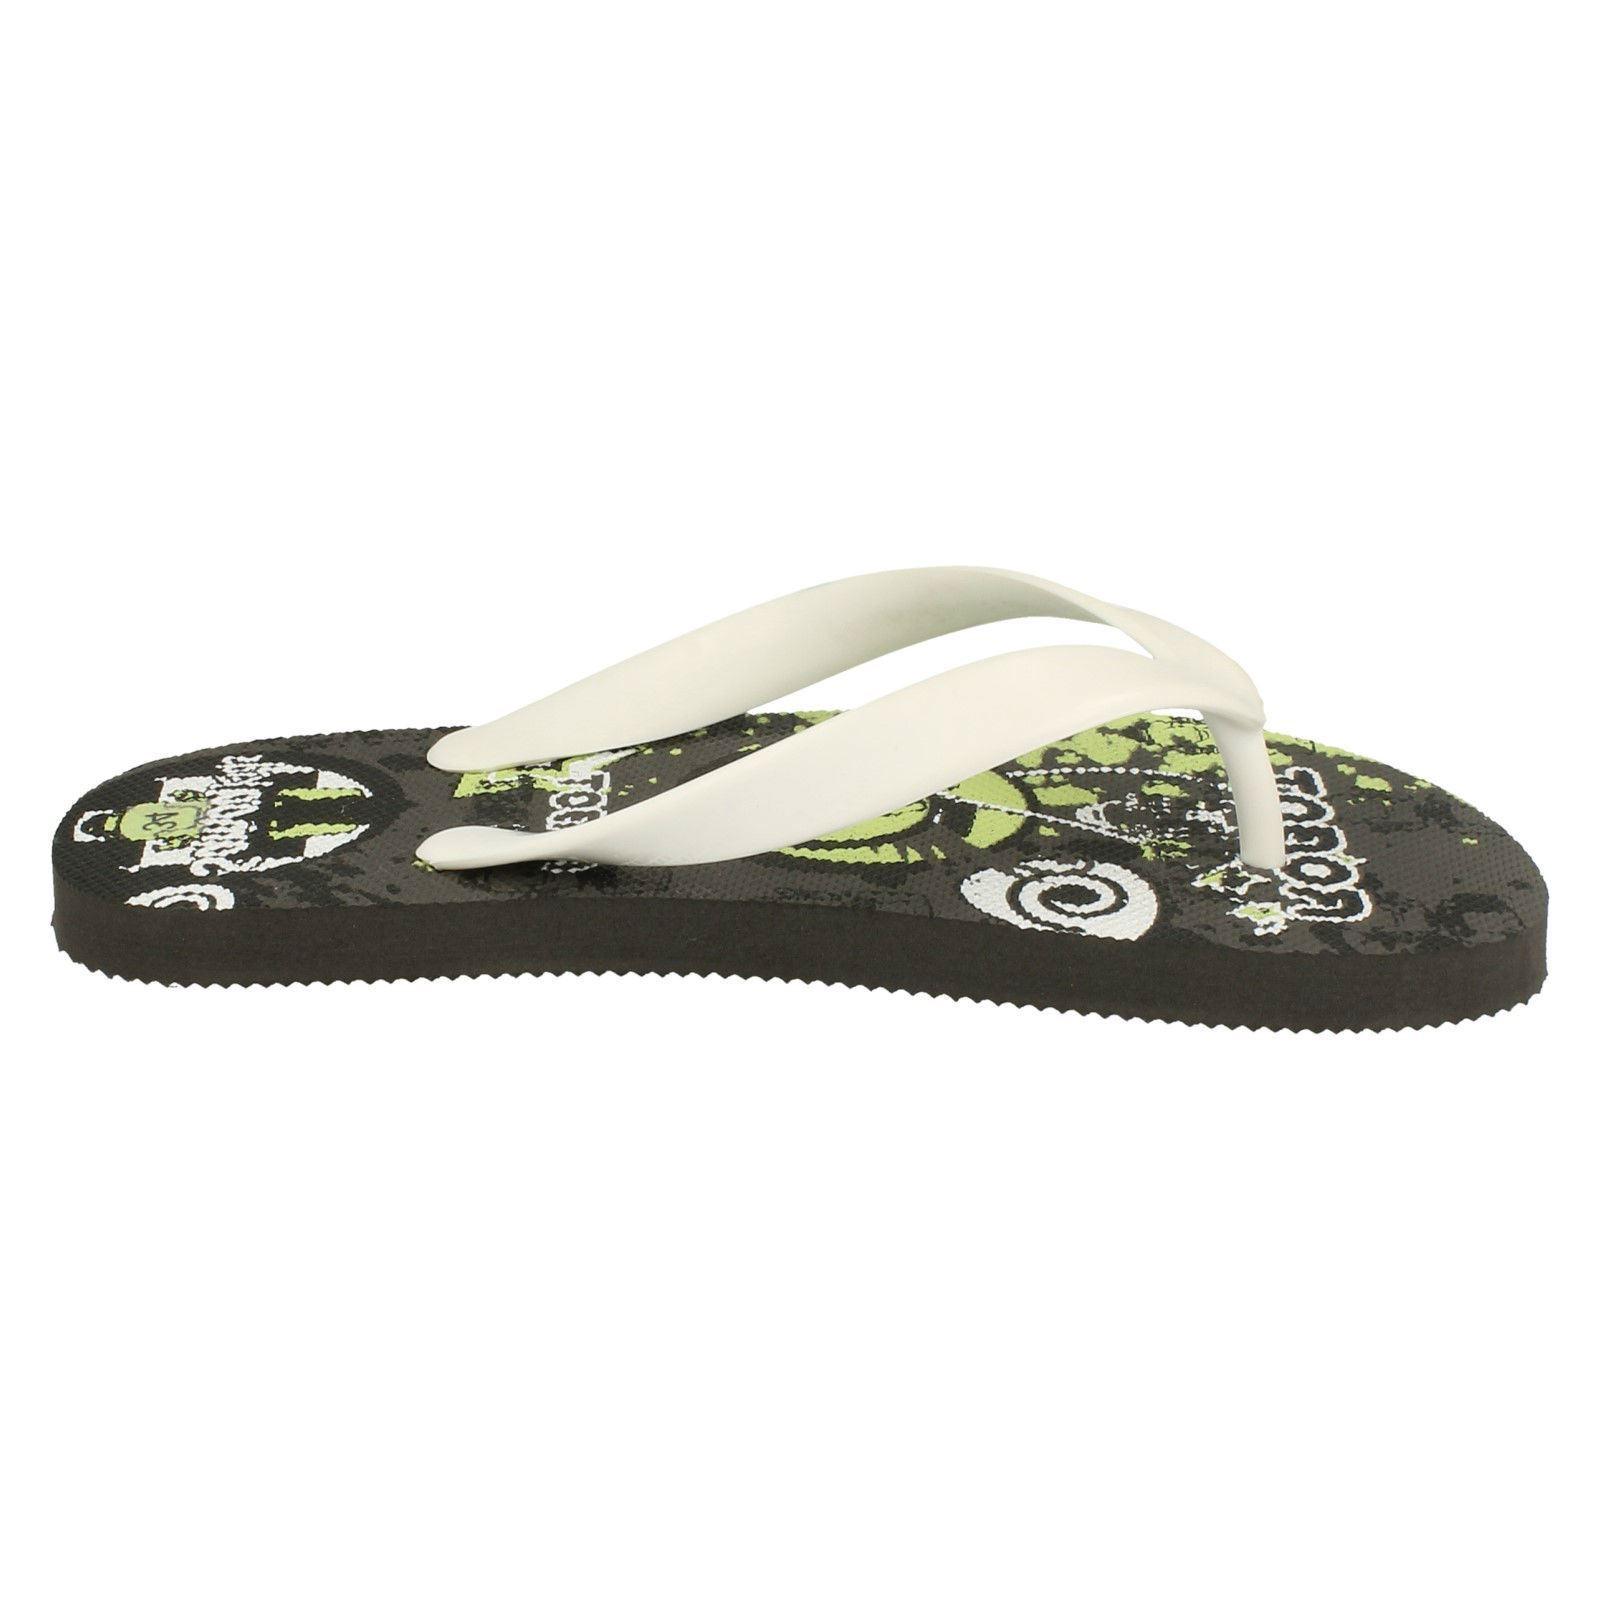 41c6fef74e7c65 Boys Samoa Toe Post Flip Flops - Style Justin ~ N